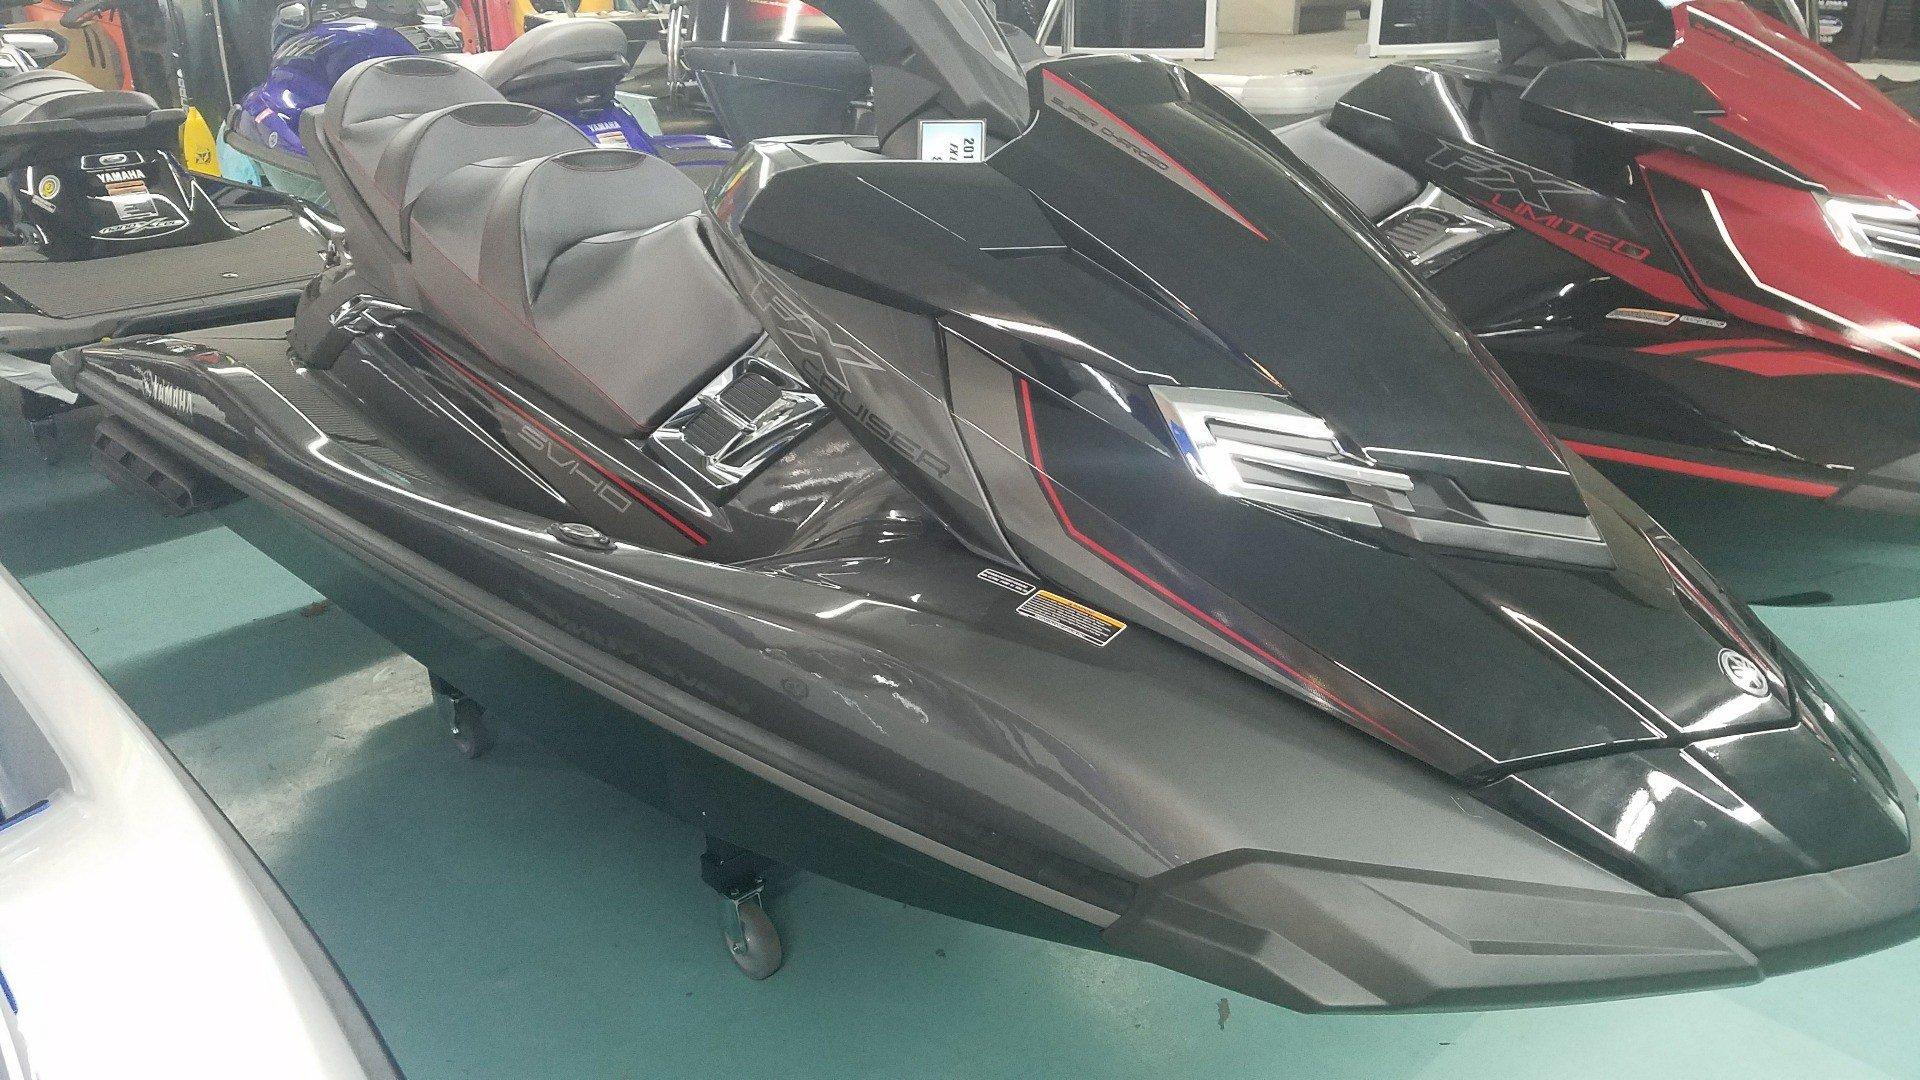 2018 yamaha fx cruiser svho for sale coloma mi 97230 for Yamaha fx cruiser